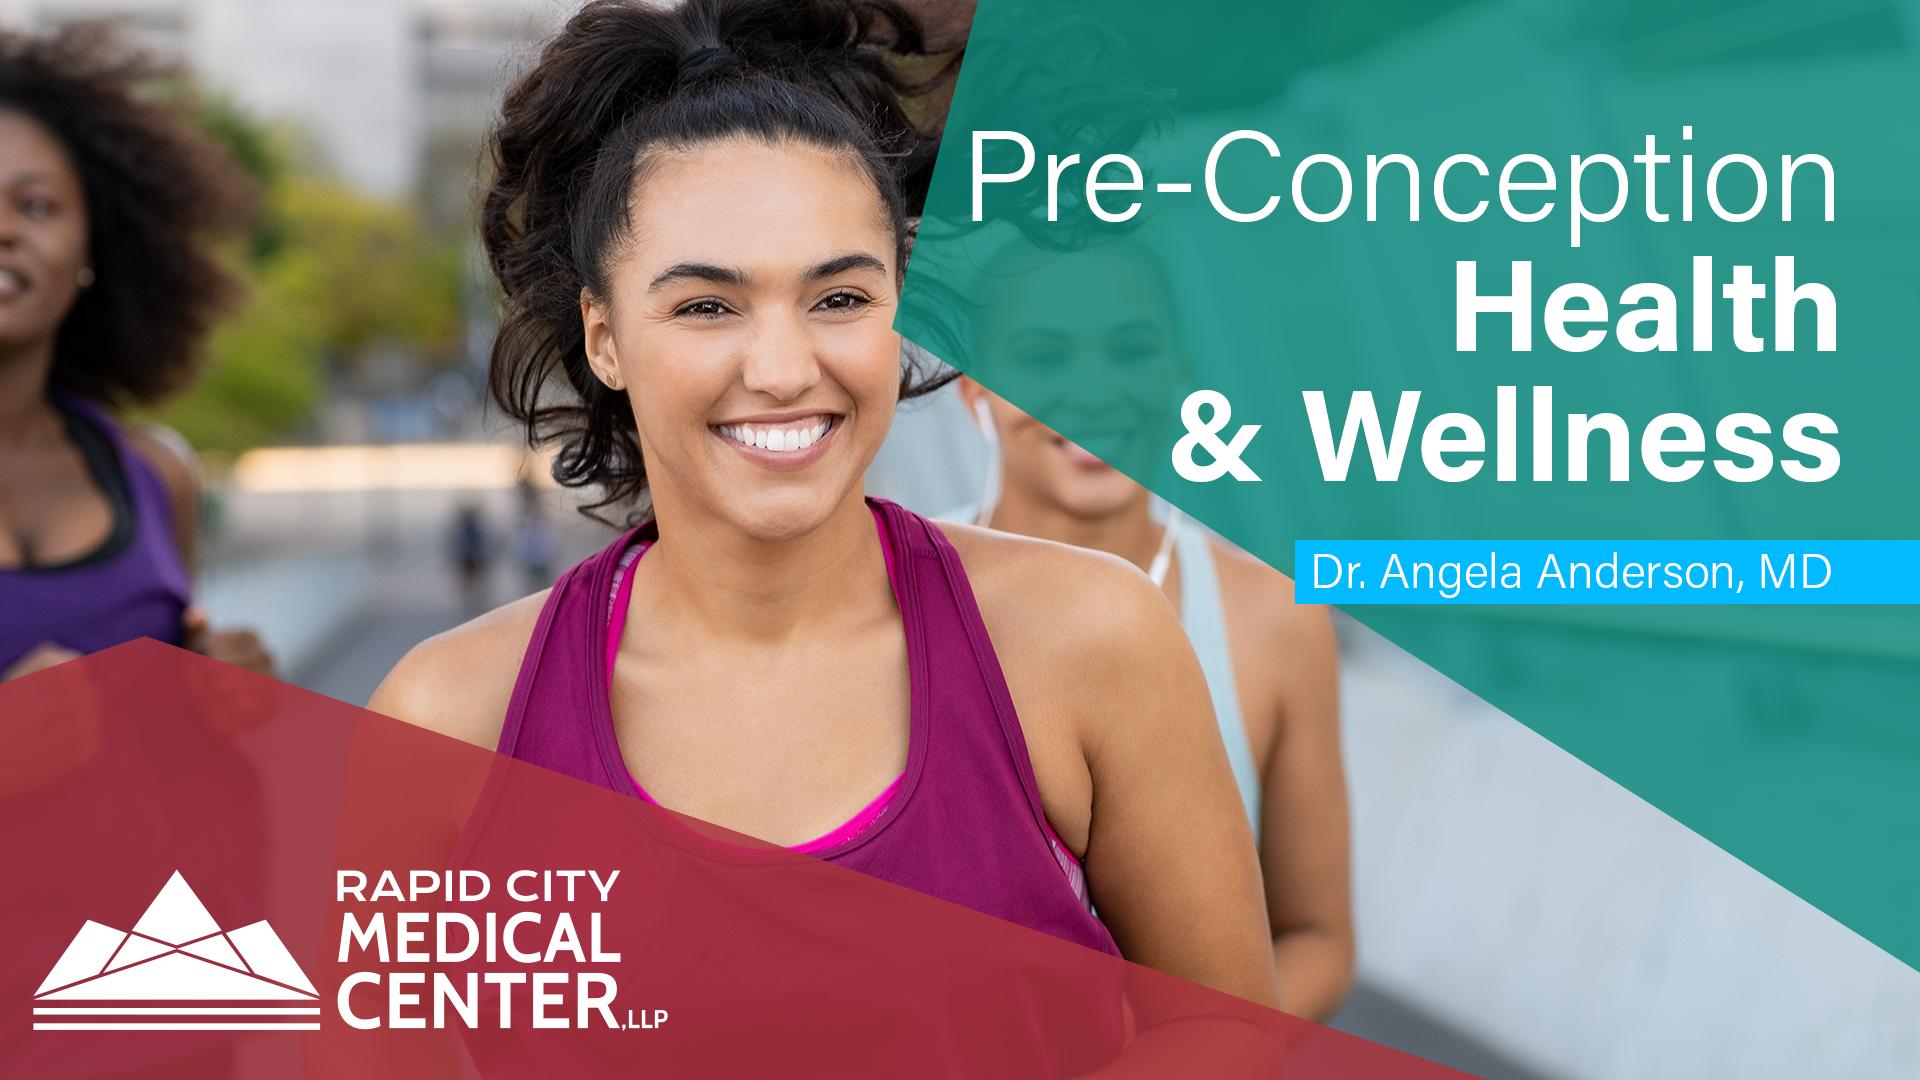 Pre-Conception Health